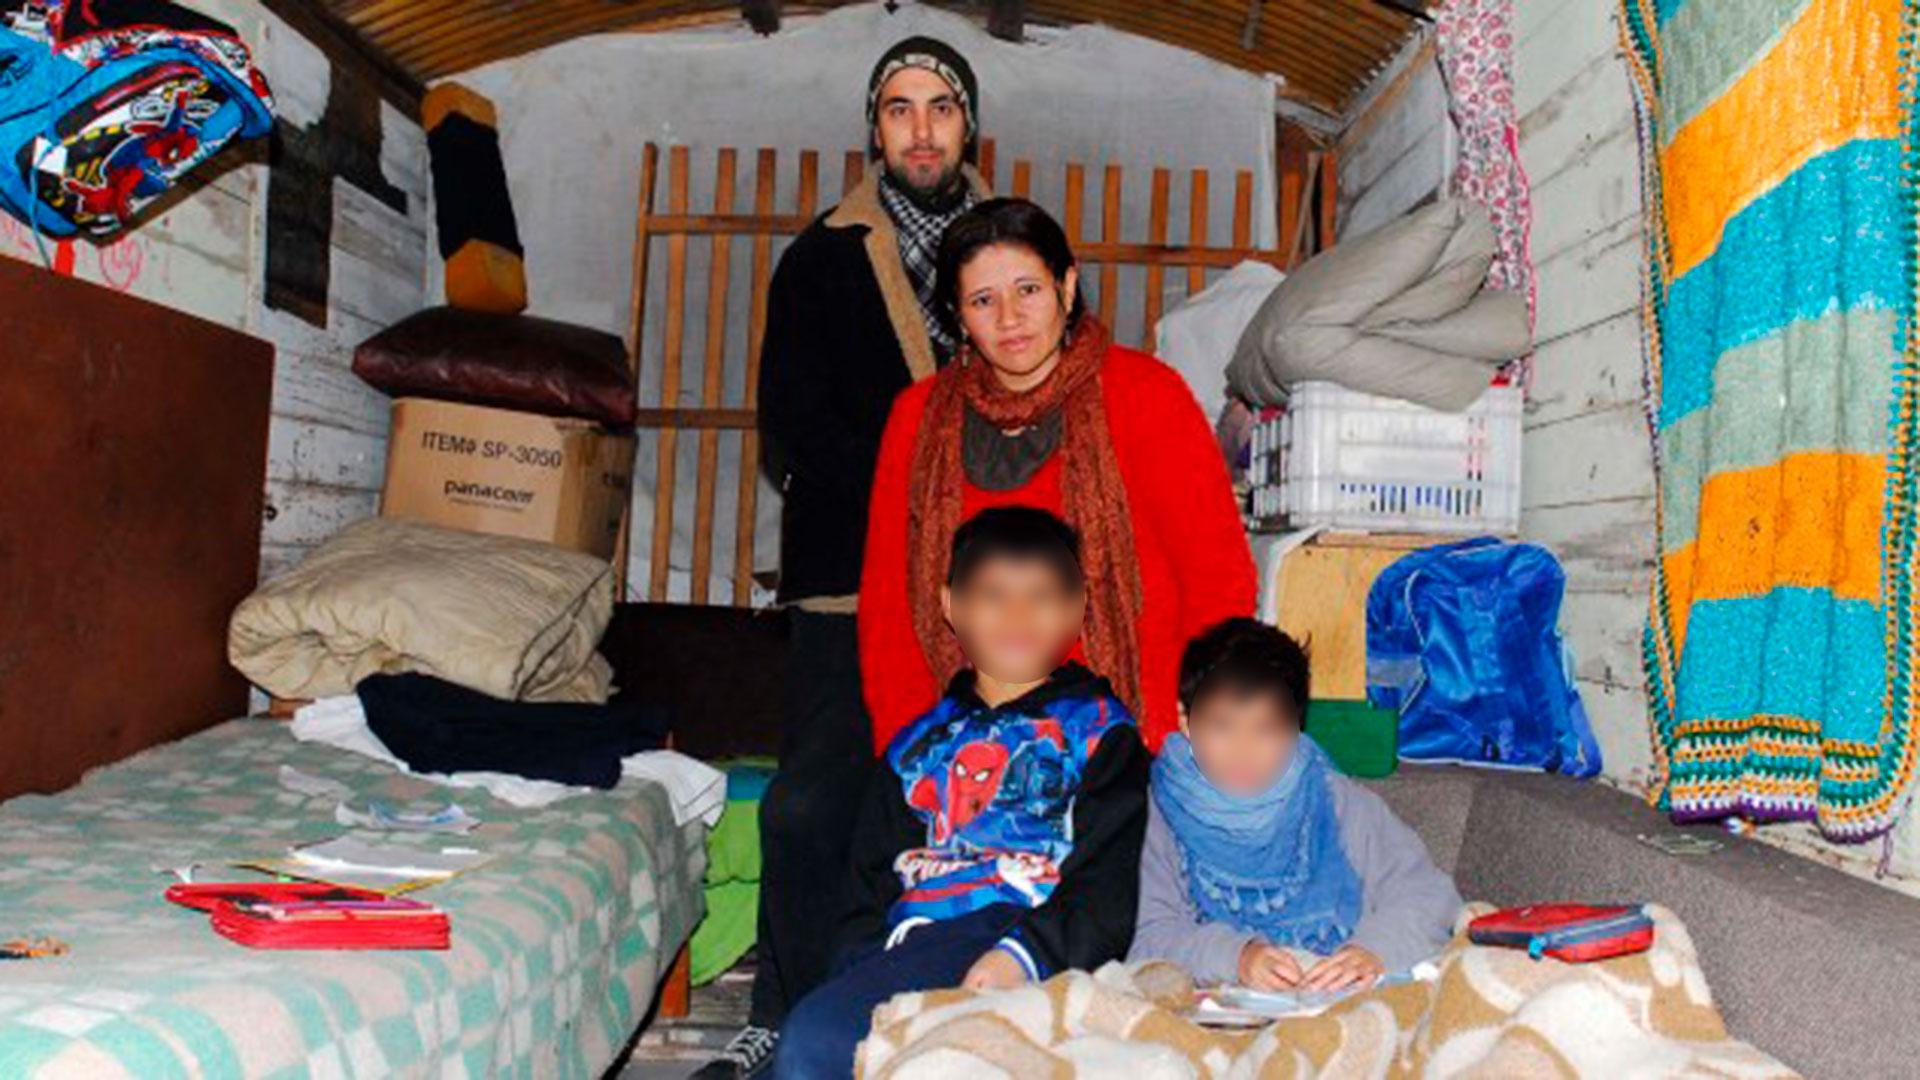 Junto a sus hijos menores, en el interior de aquel vagón (Foto: Big Bang News)